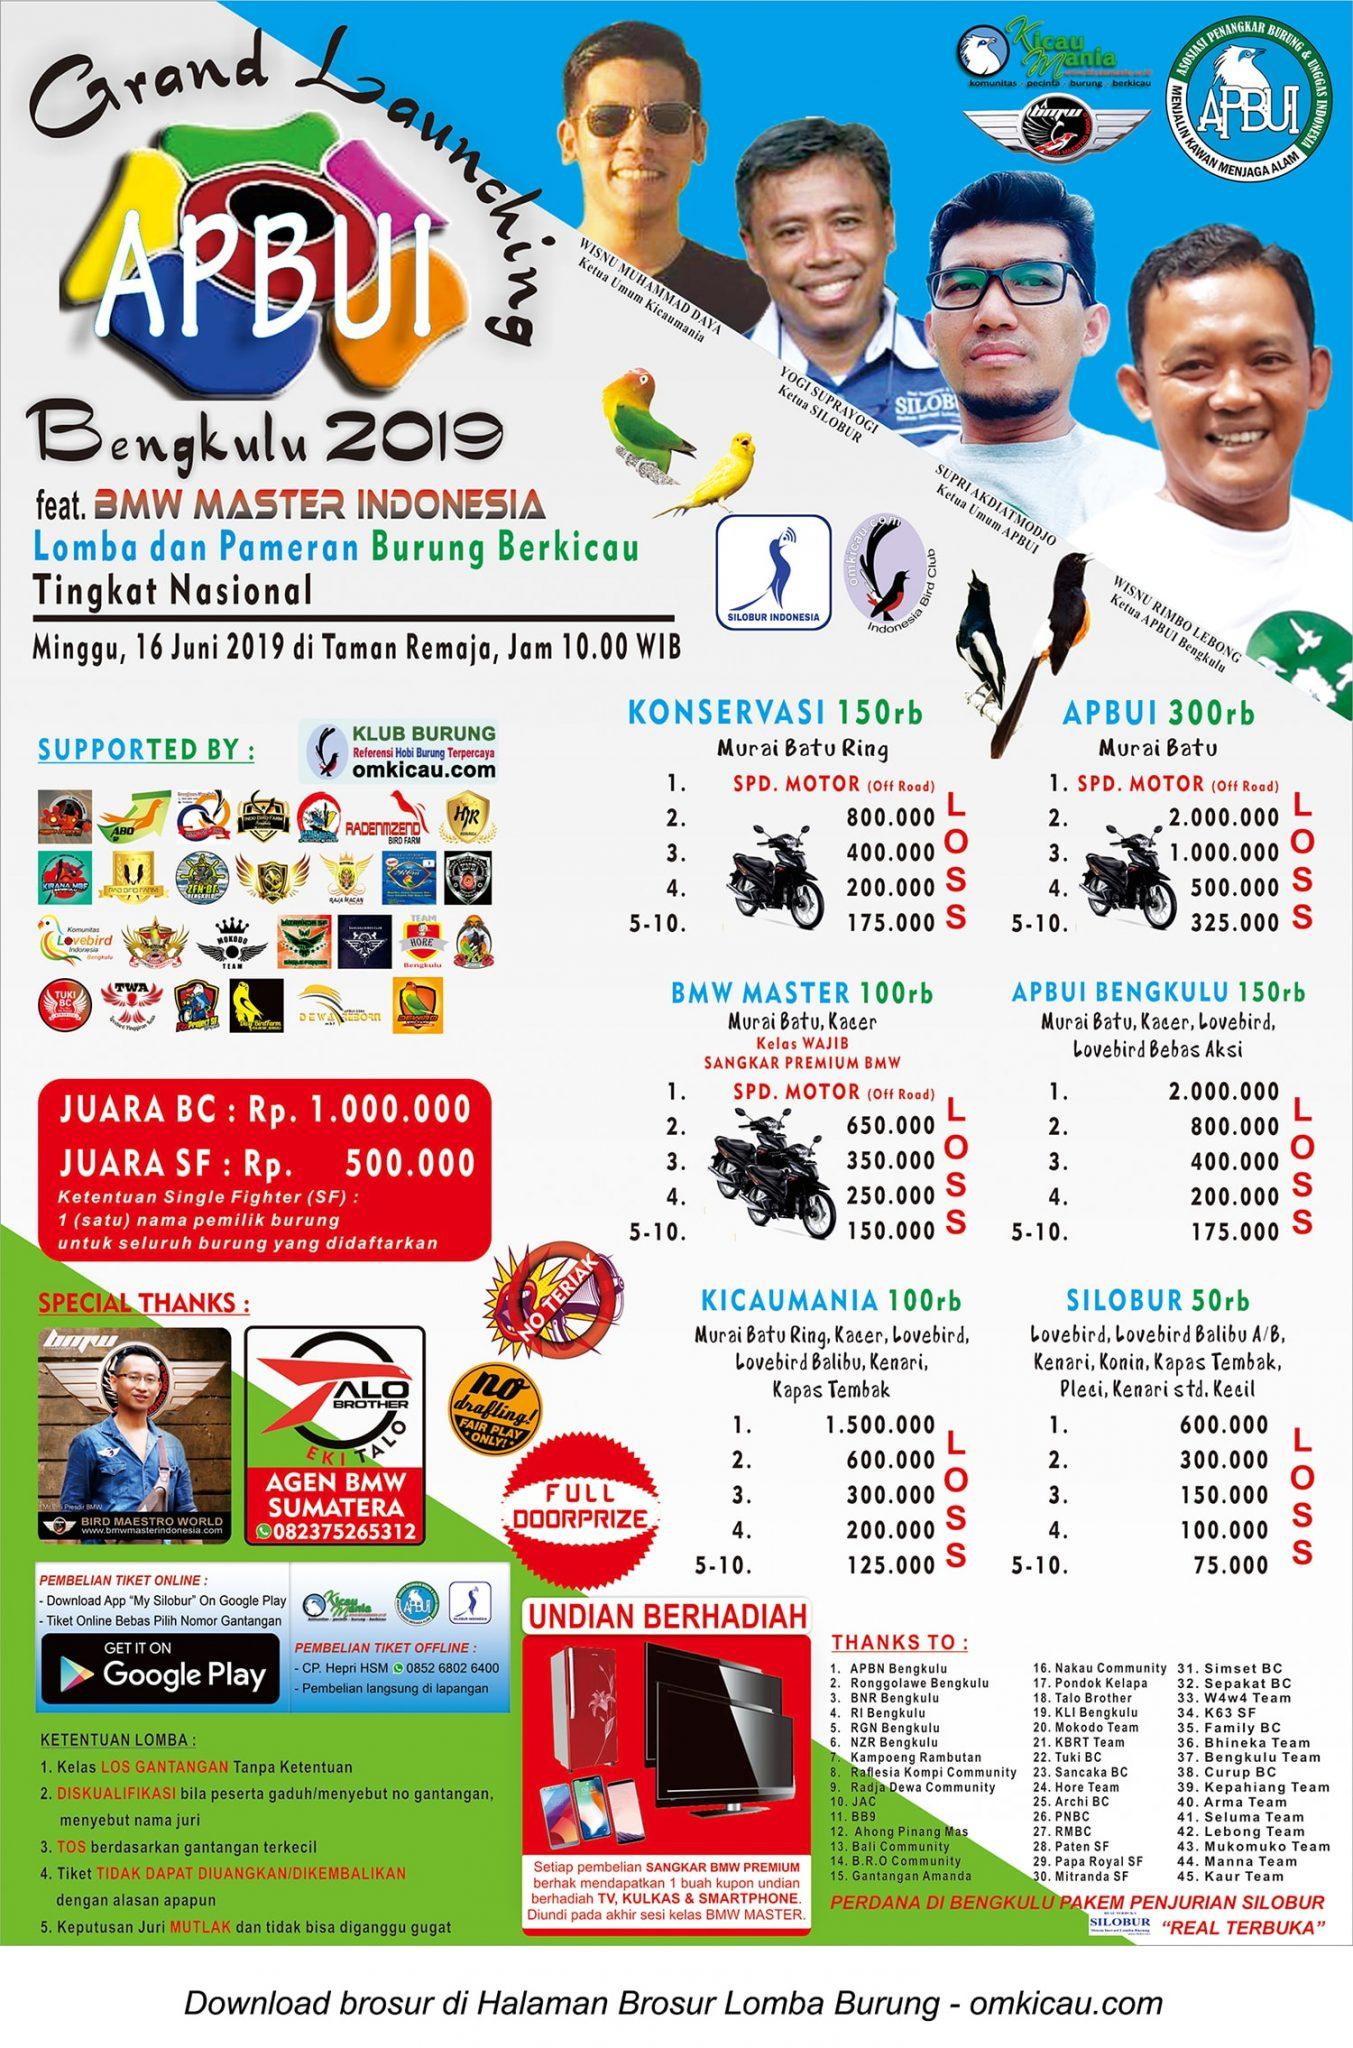 Grand Launching APBUI Bengkulu